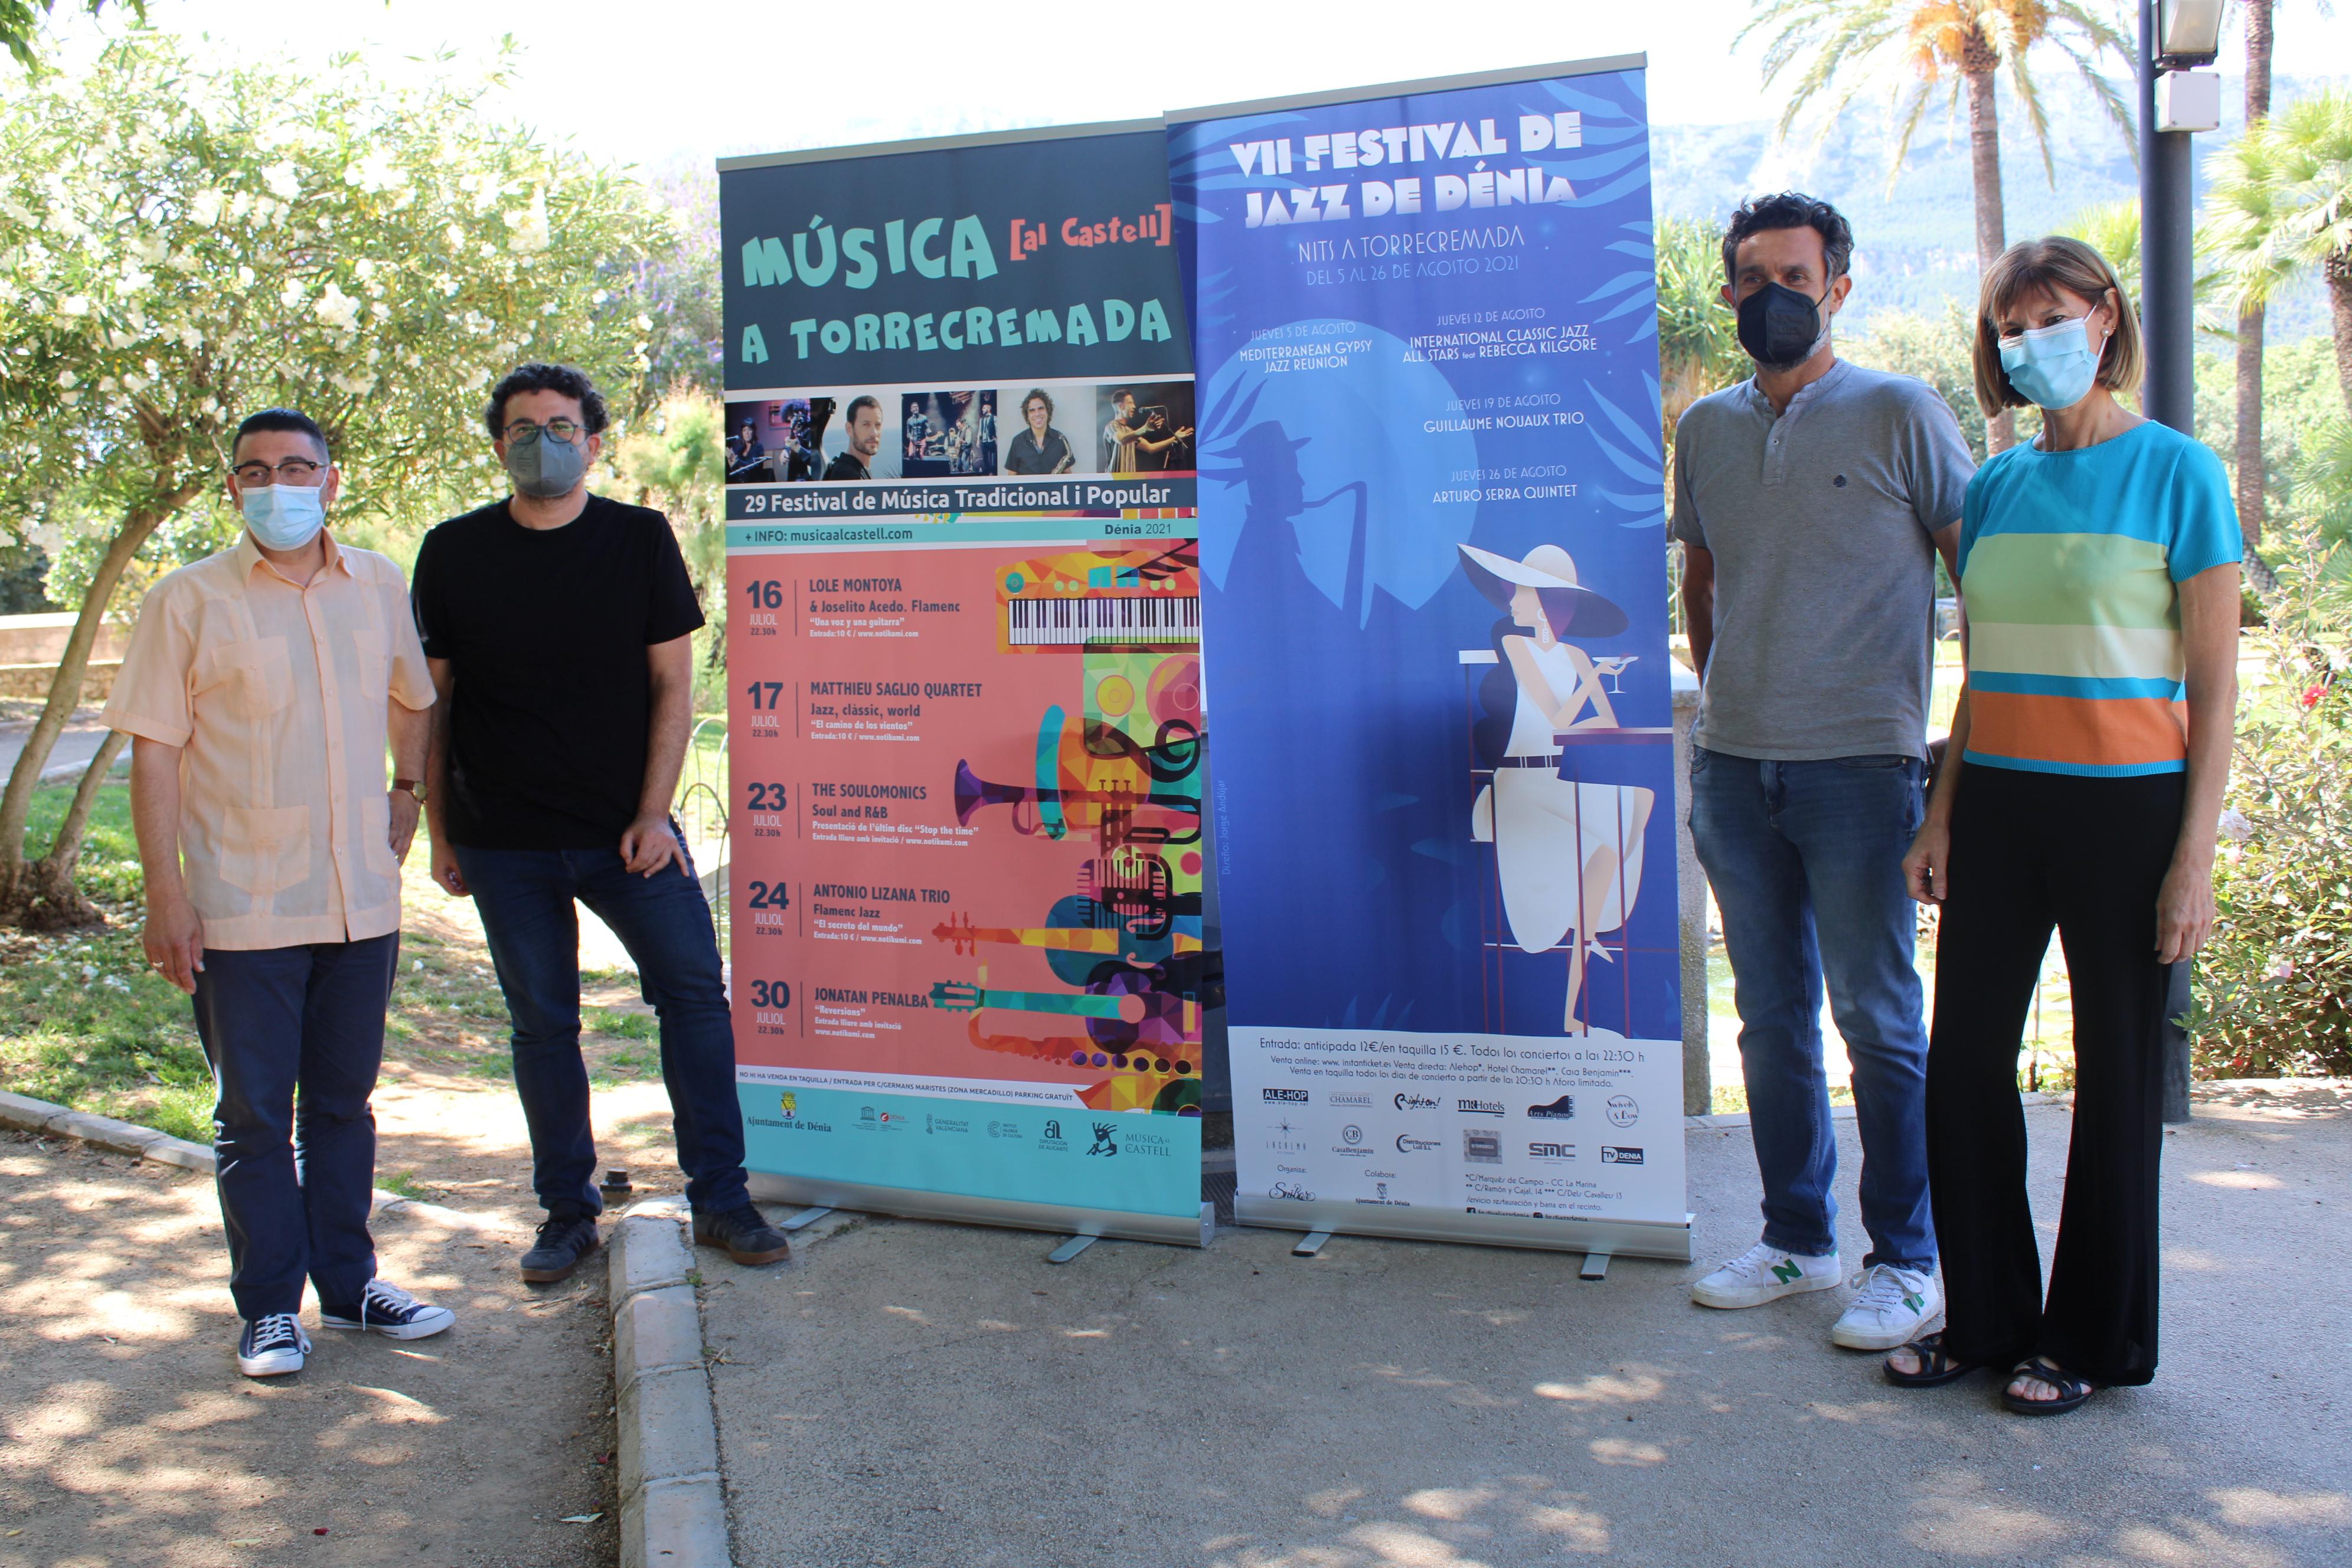 Música [al Castell] a Torrecremada vuelve tras la suspensión obligada de 2020 apostando por ...